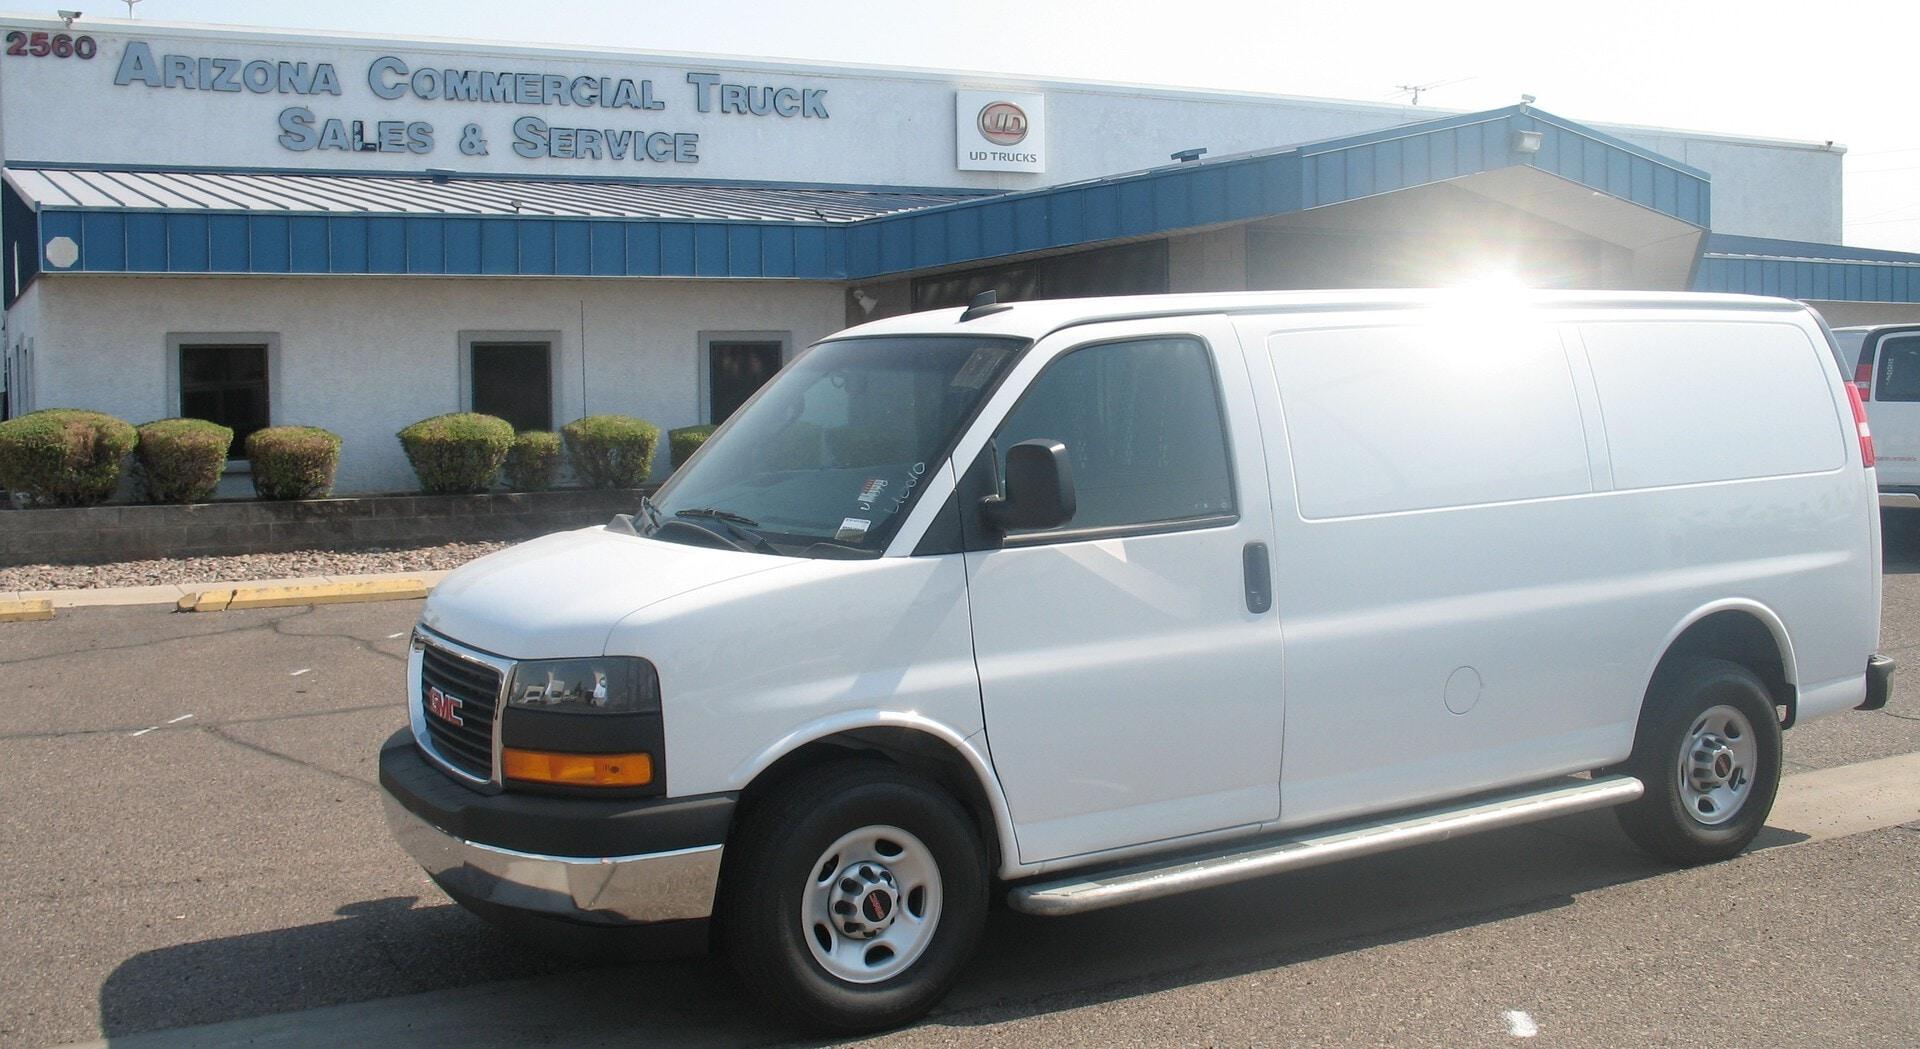 Used, 2020, GMC, SAVANA 2500, Vans